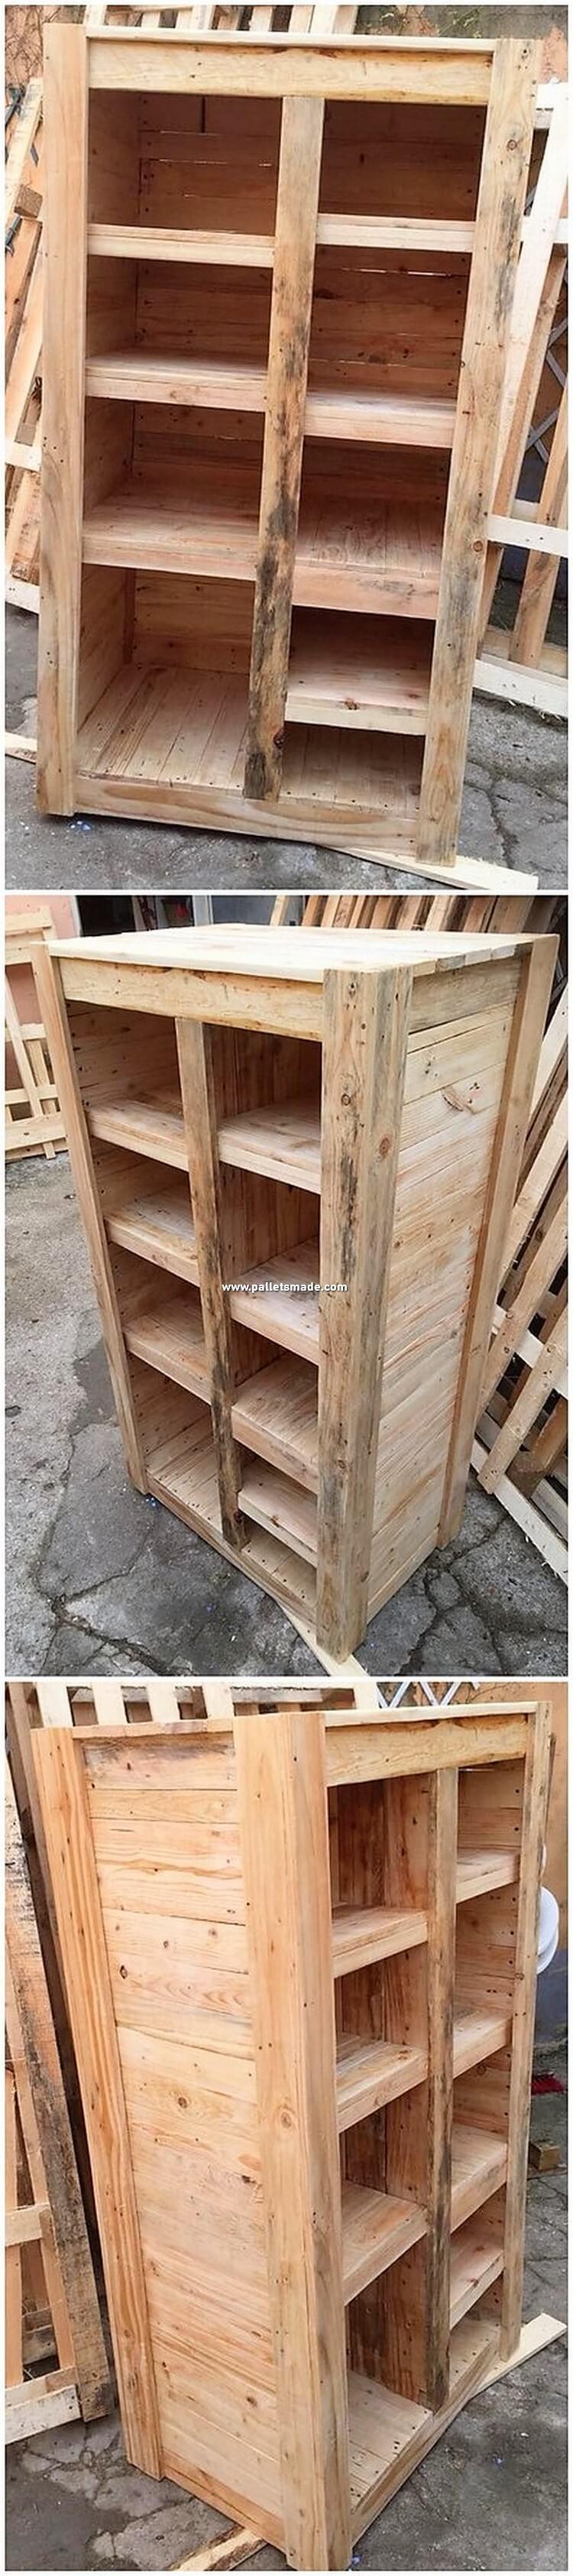 Wood Pallet Shelving Cbainet